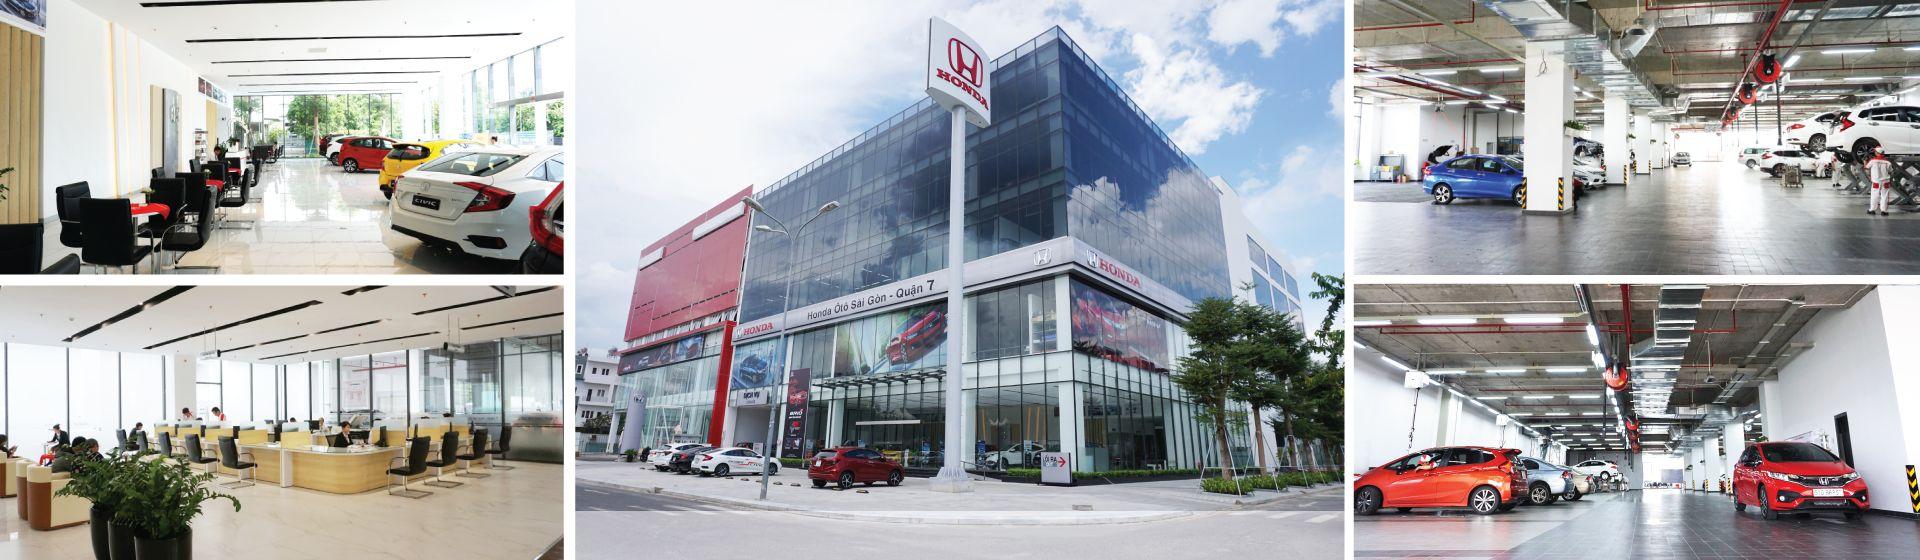 Bảng giá xe ô tô Honda mới nhất 2019 H%C3%ACnh-showroom-1920x560px